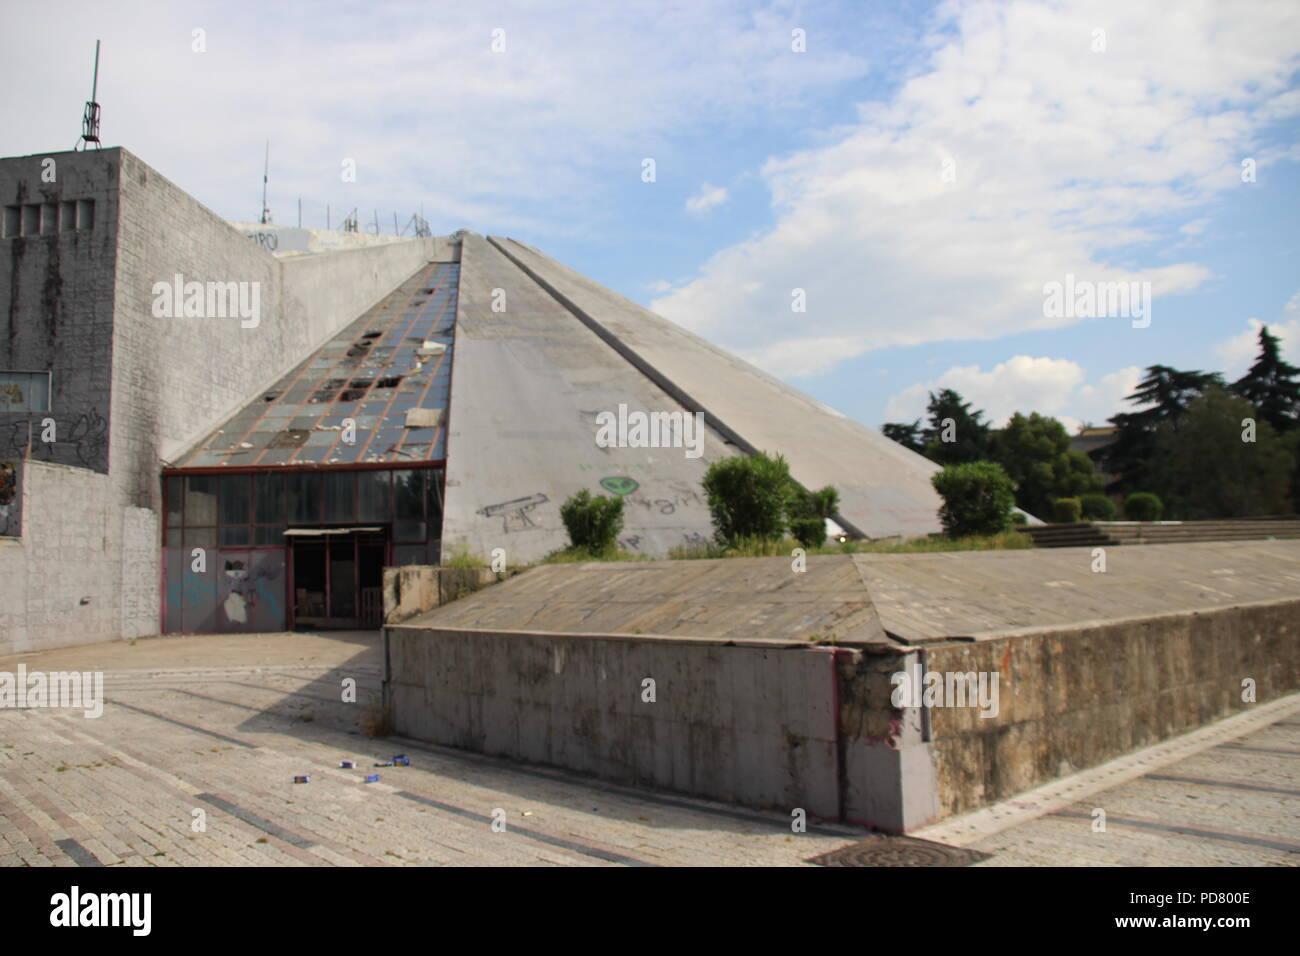 Pyramid of Tirana, Albania - Stock Image